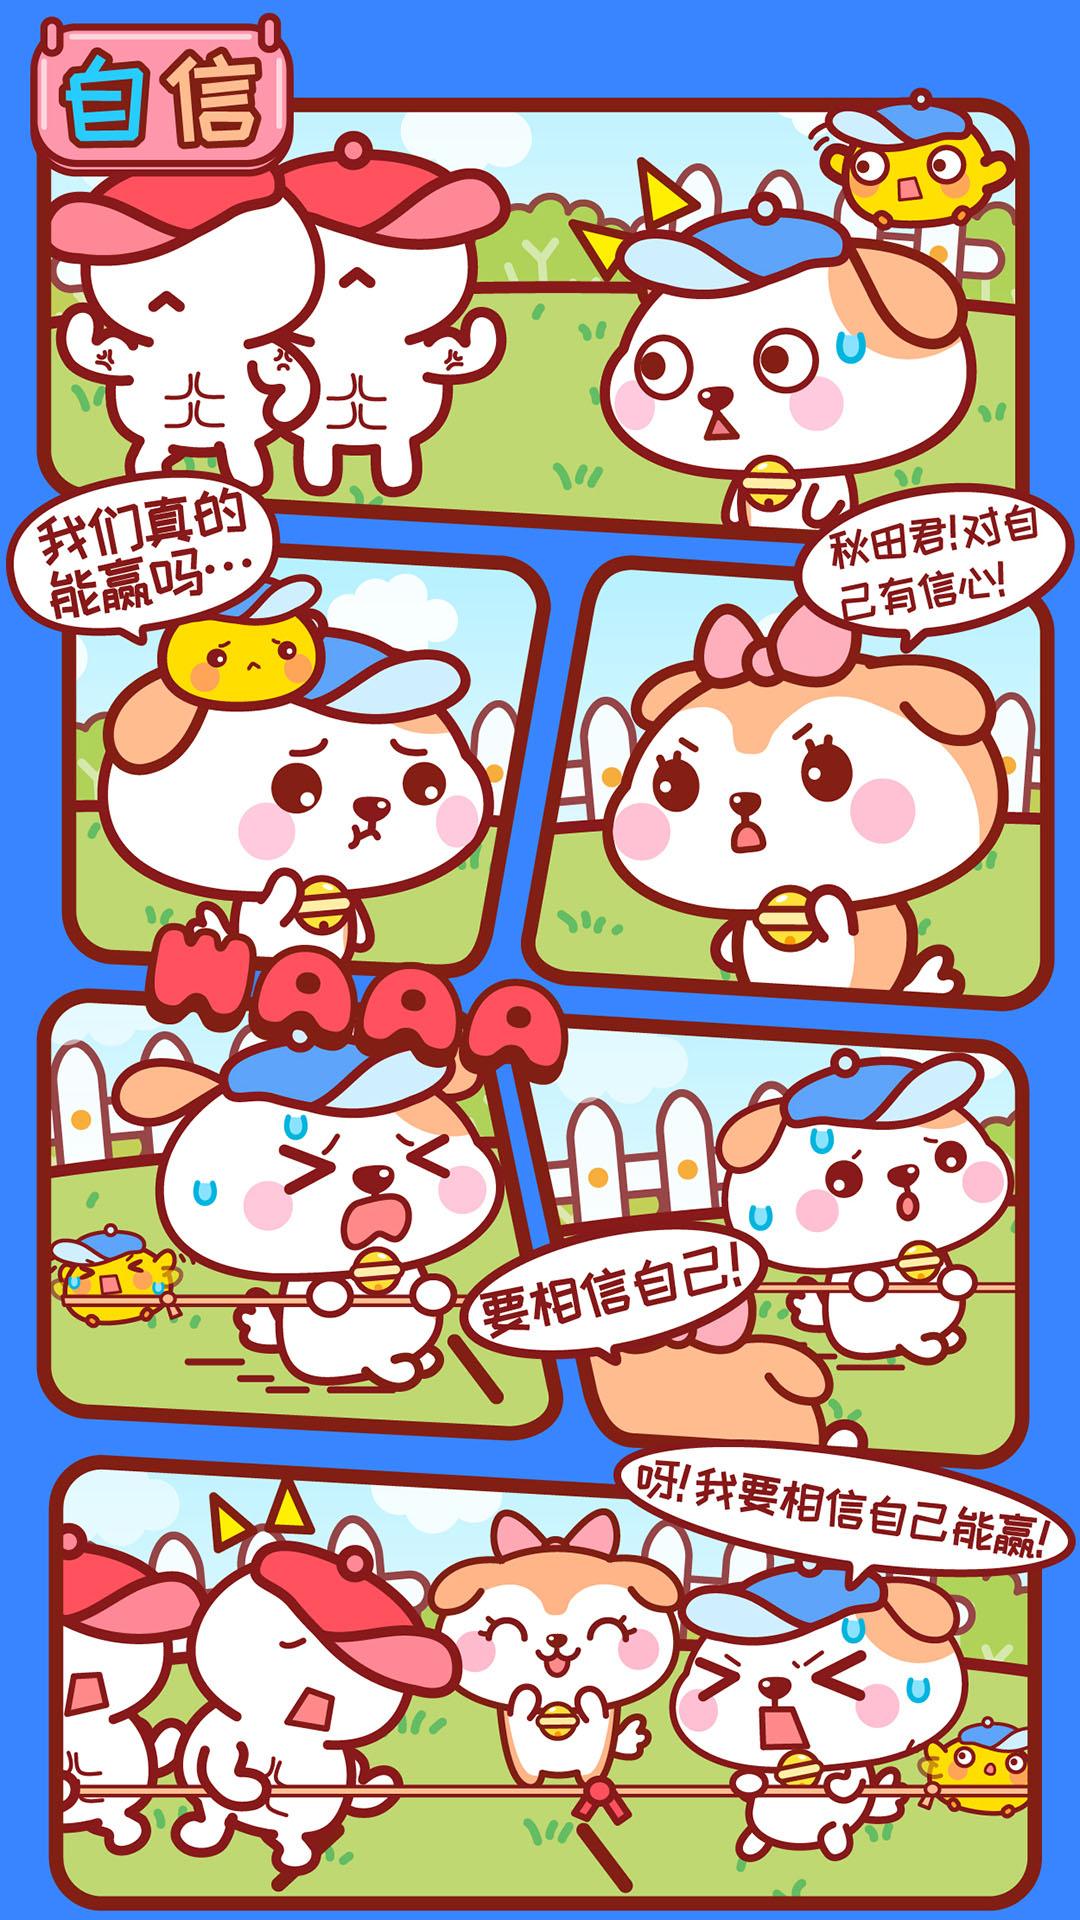 秋田君漫画136-144话